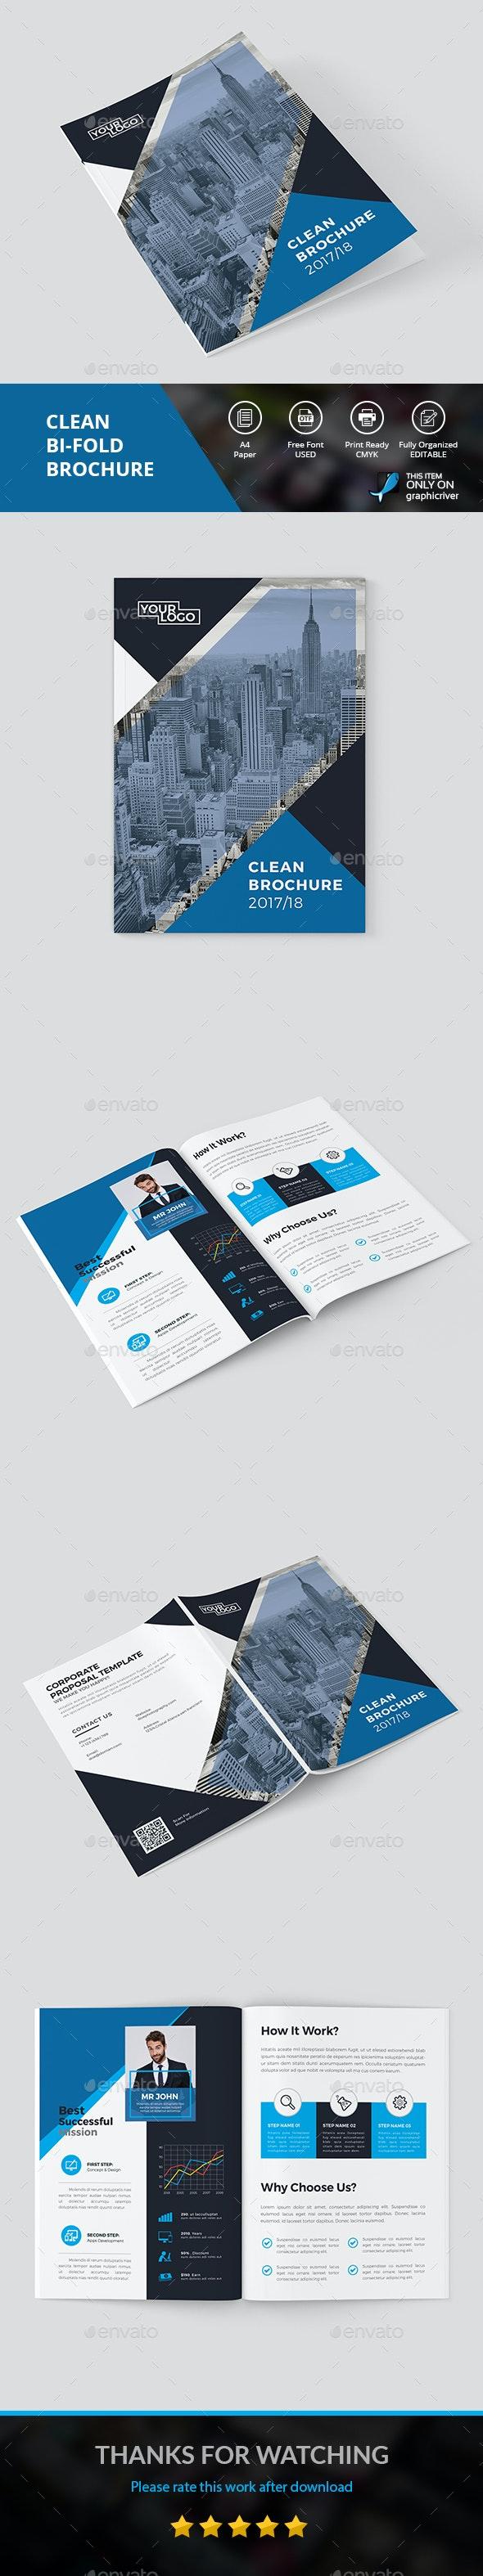 Clean Brochure - Corporate Brochures